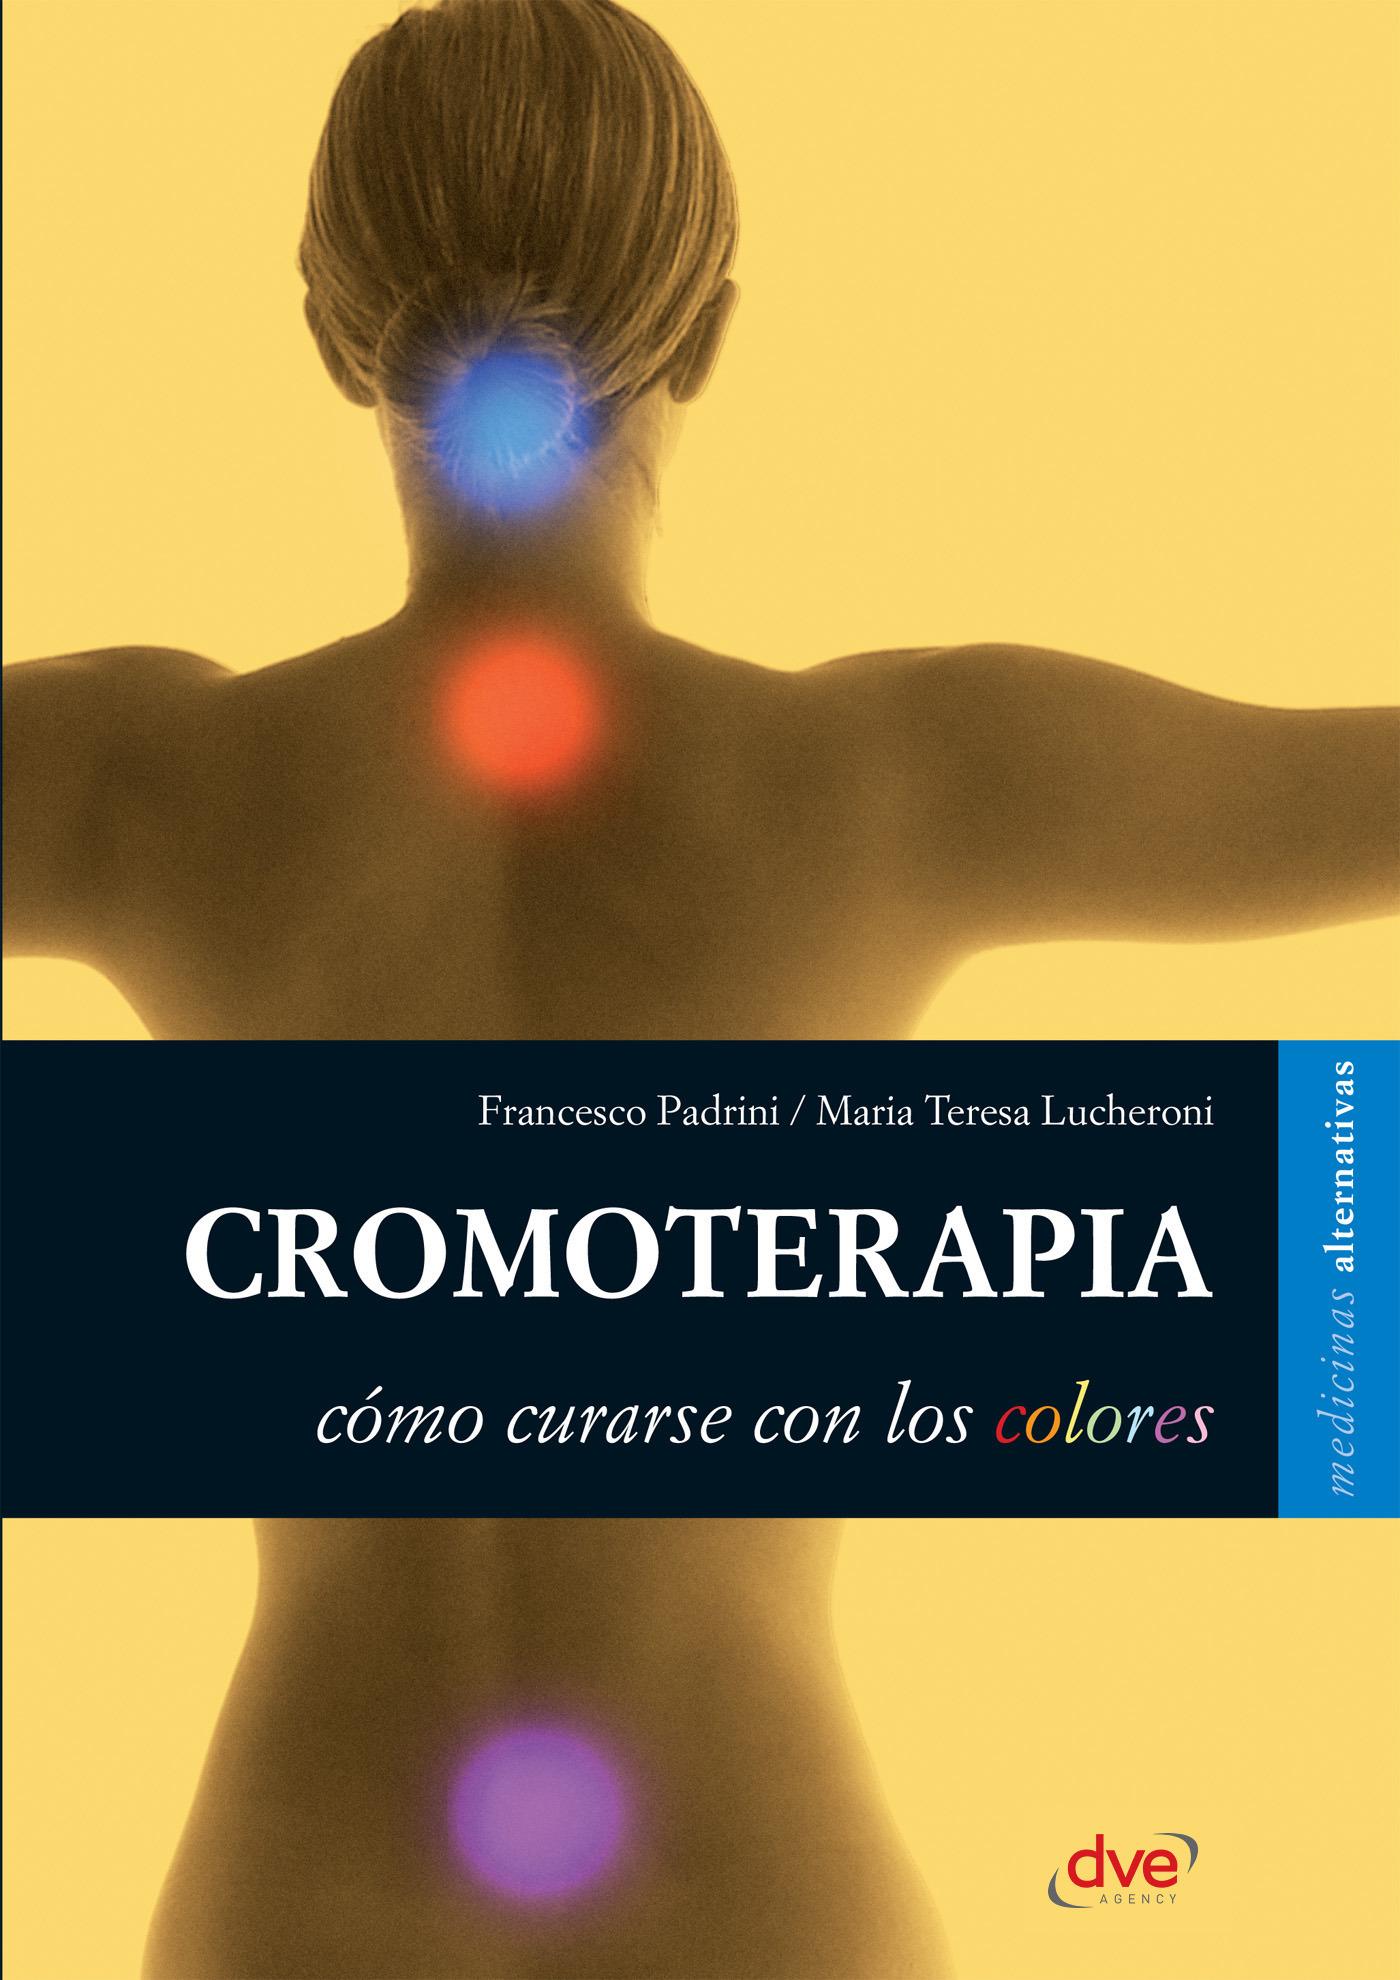 Lucheroni, María Teresa - Cromoterapia, ebook